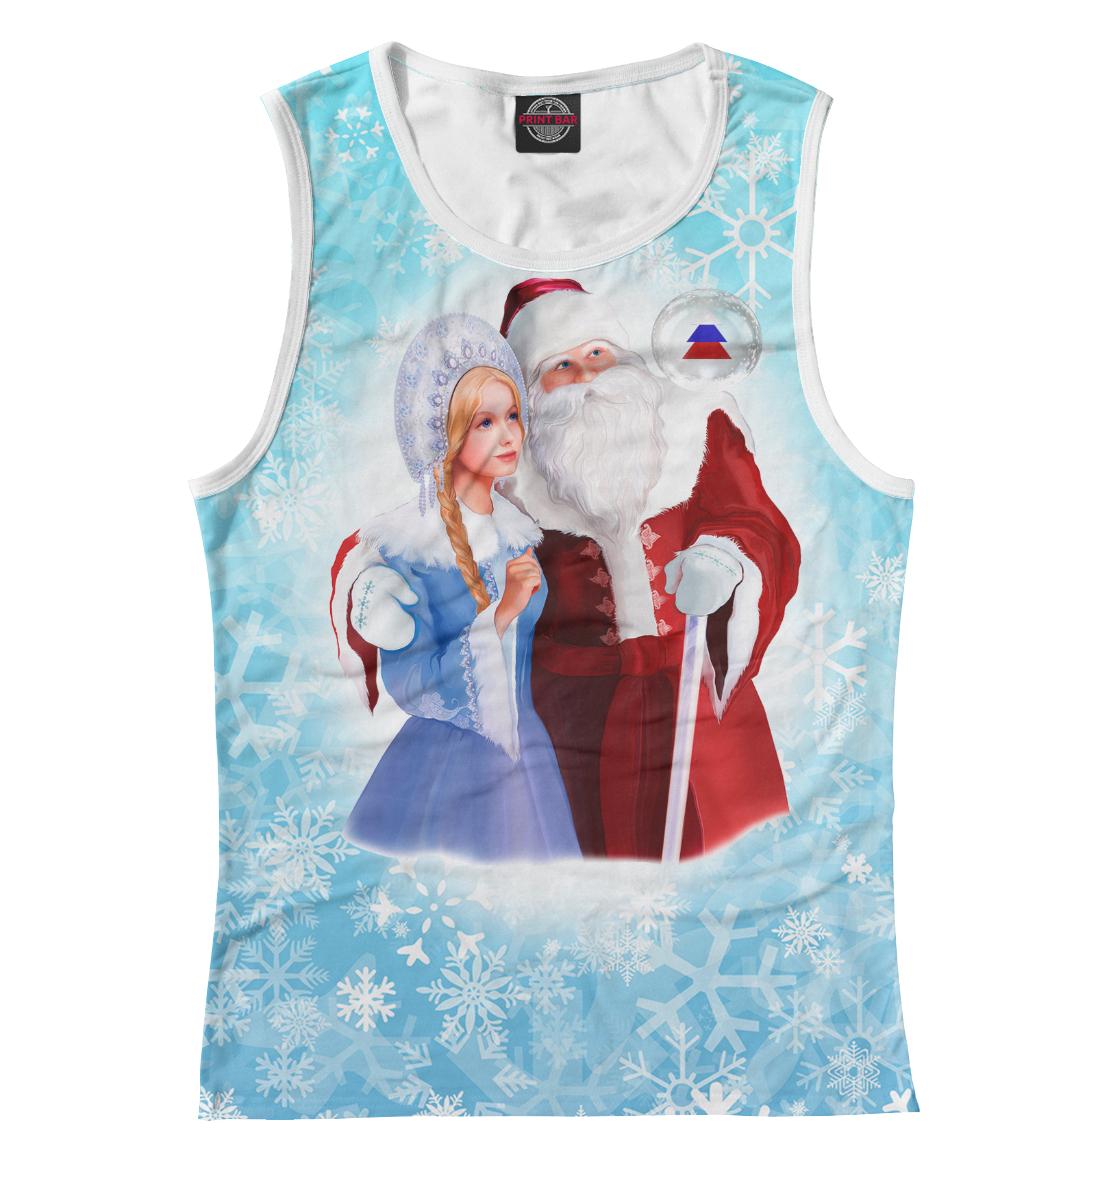 Купить Русские Дед Мороз и Снегурочка, Printbar, Майки, NOV-365562-may-1